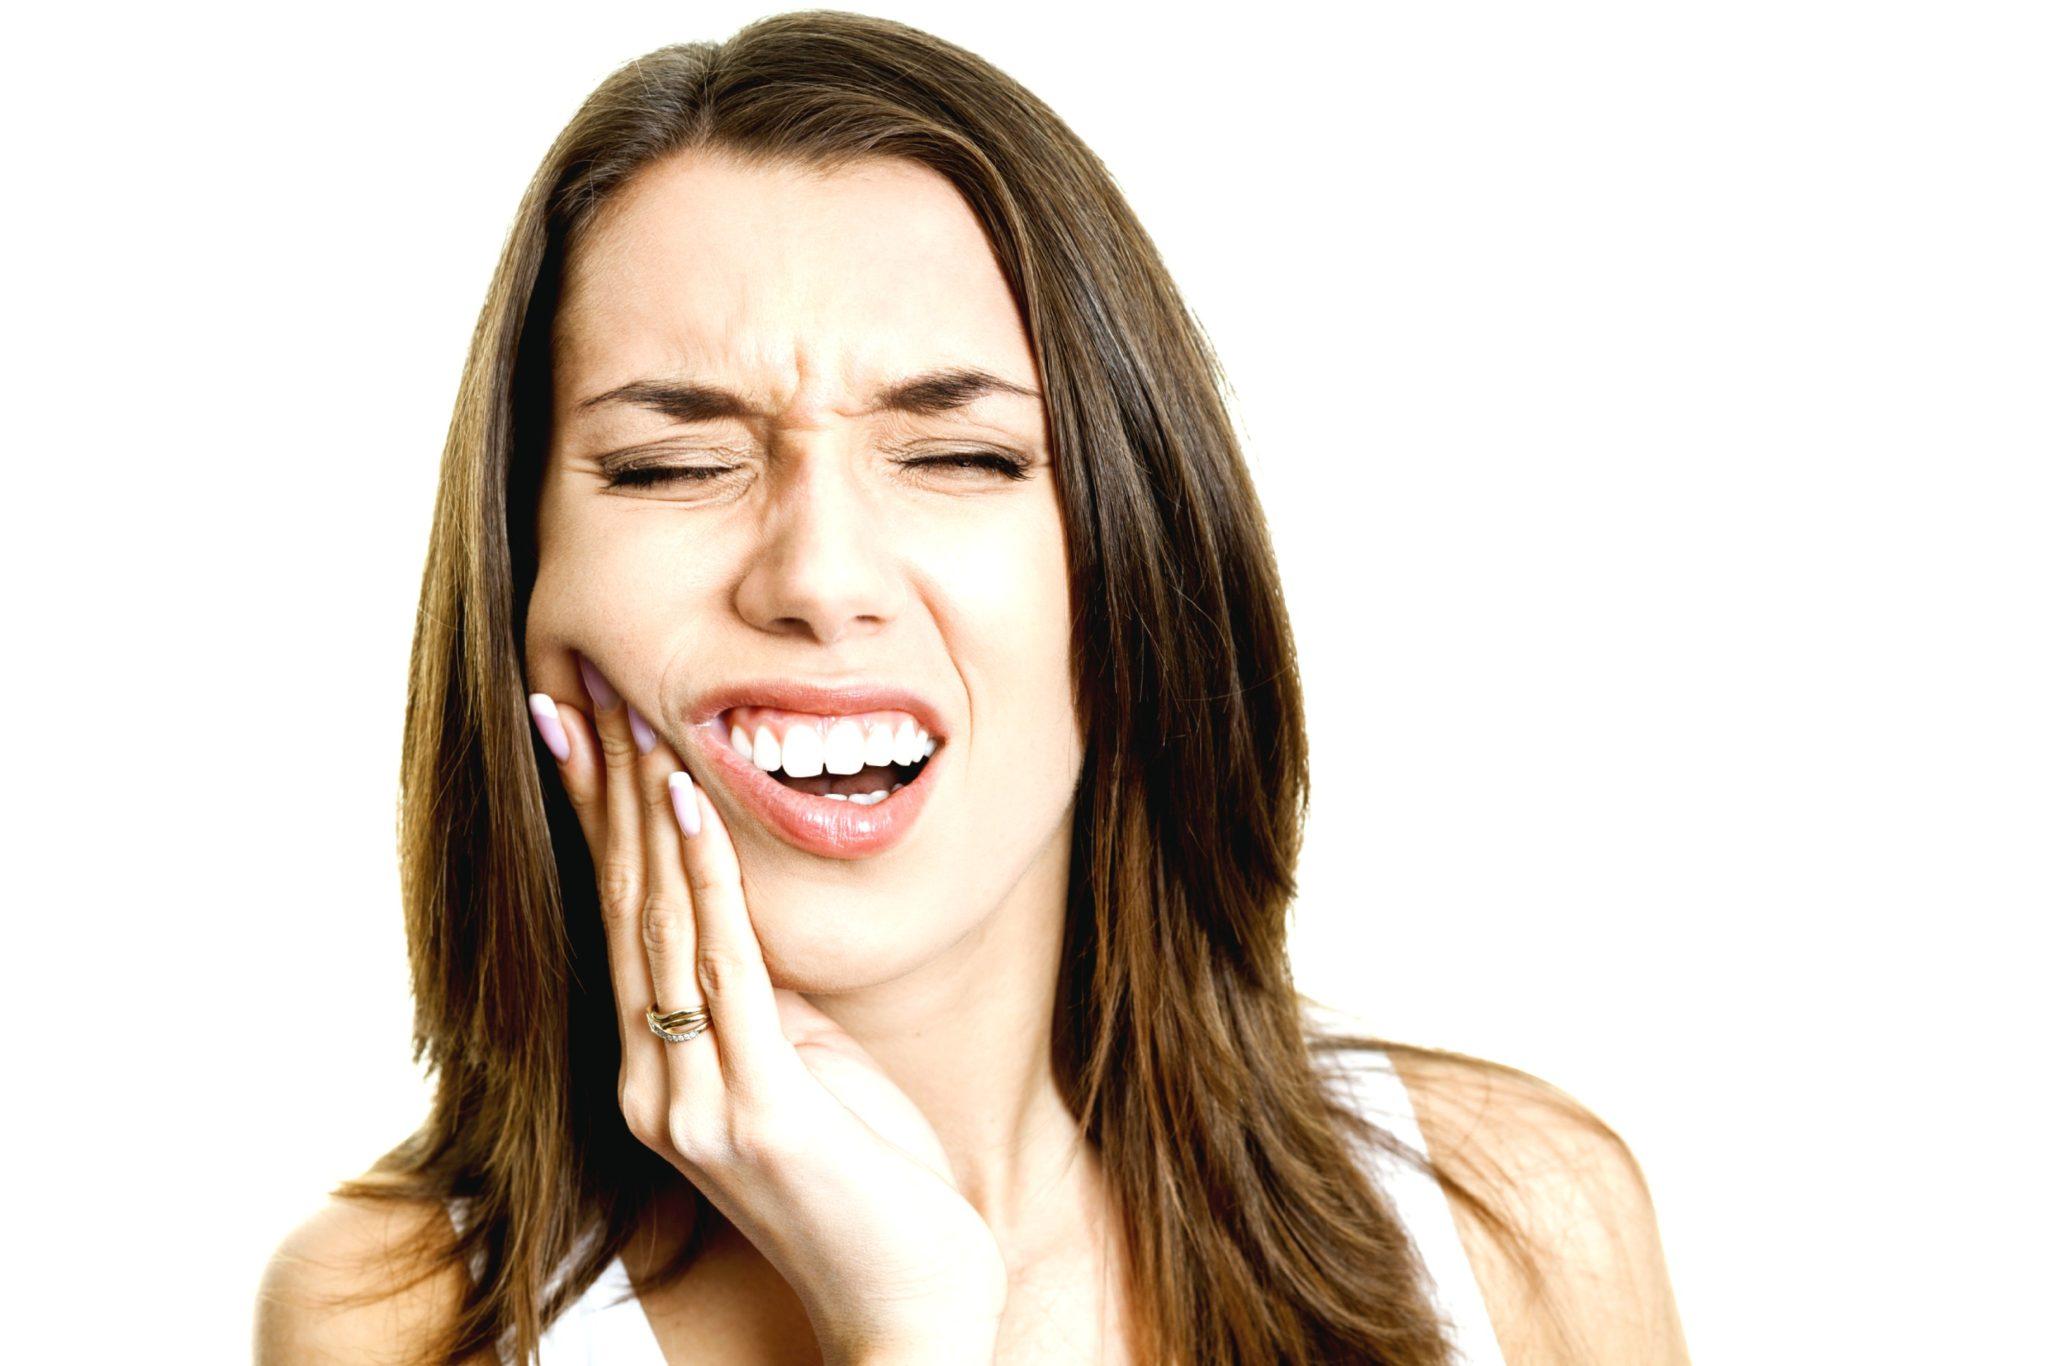 Diş ağrısına ne iyi gelir evde ile Etiketlenen Konular